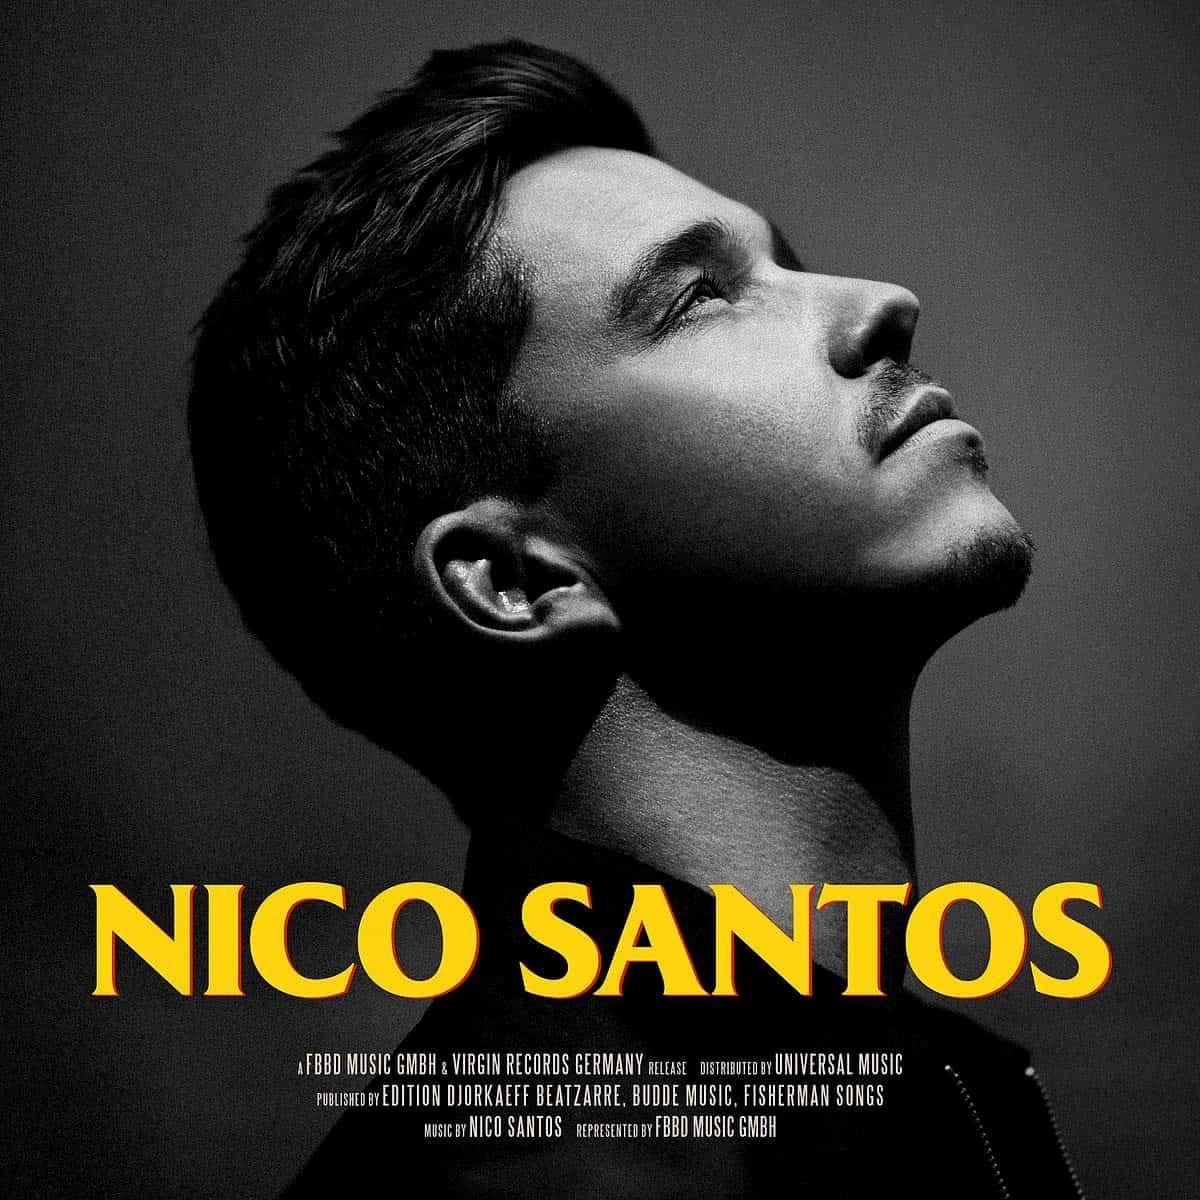 """Nico Santos Album """"Nico Santos"""" veröffentlicht - Ein Lichtblick!"""